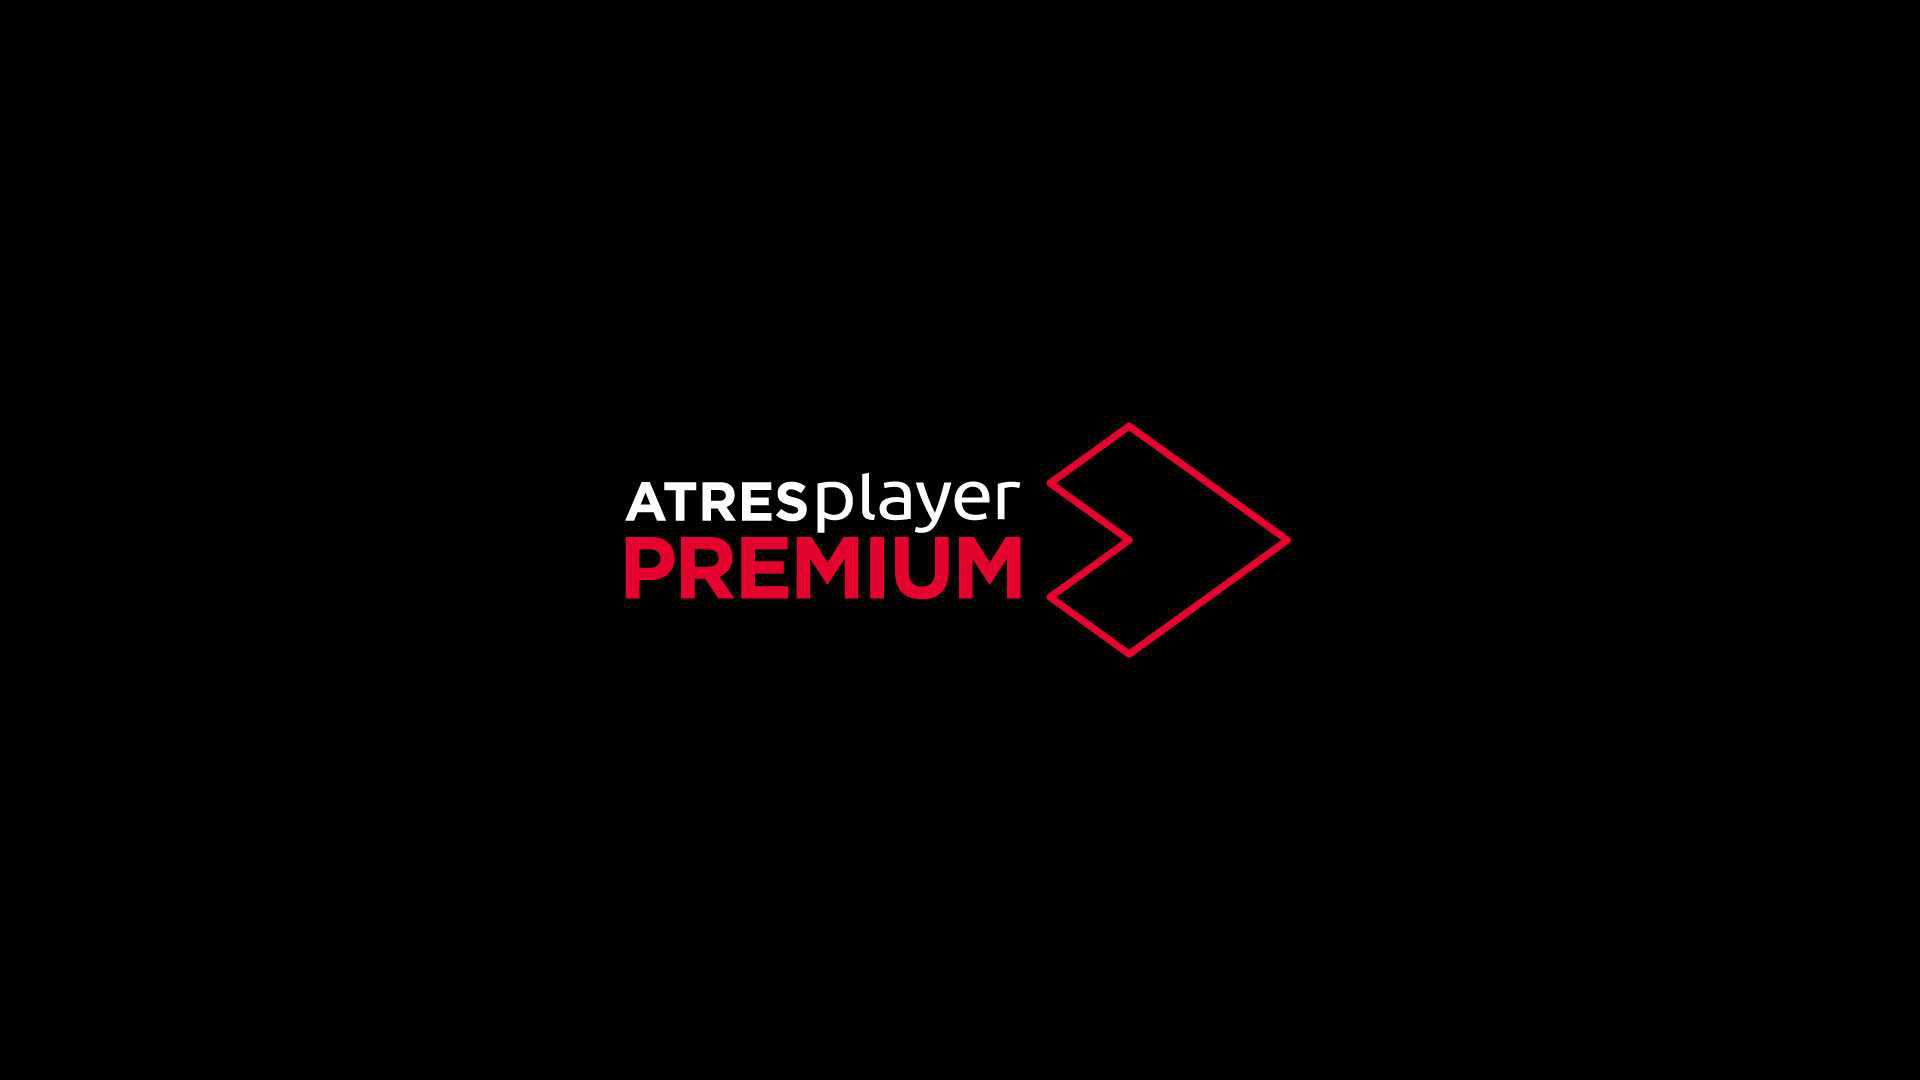 ATRESplayer con Movistar: cómo ver y qué precio tiene